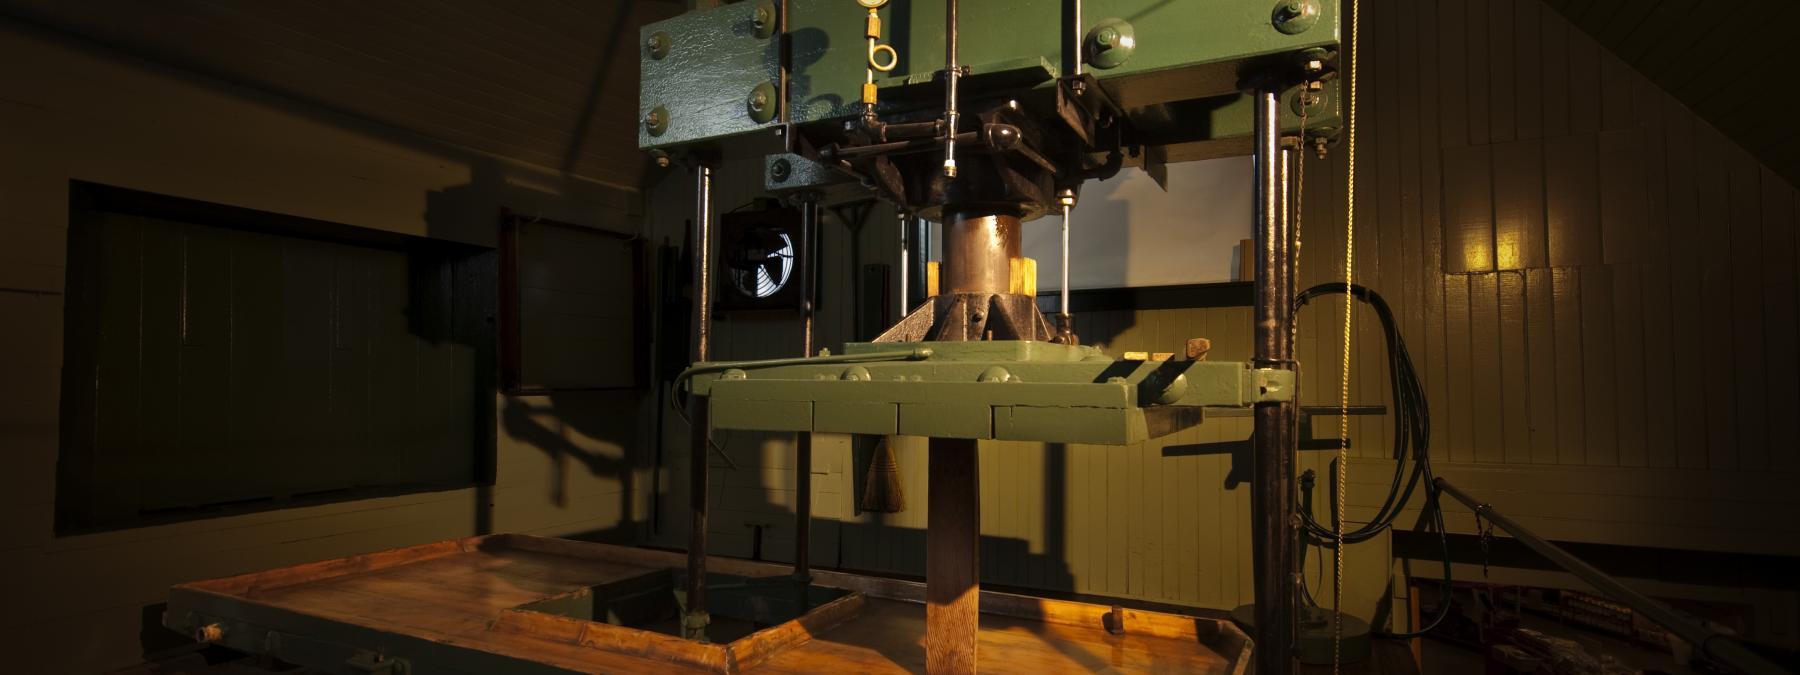 1889 Boomer & Boschert Water-Powered Press